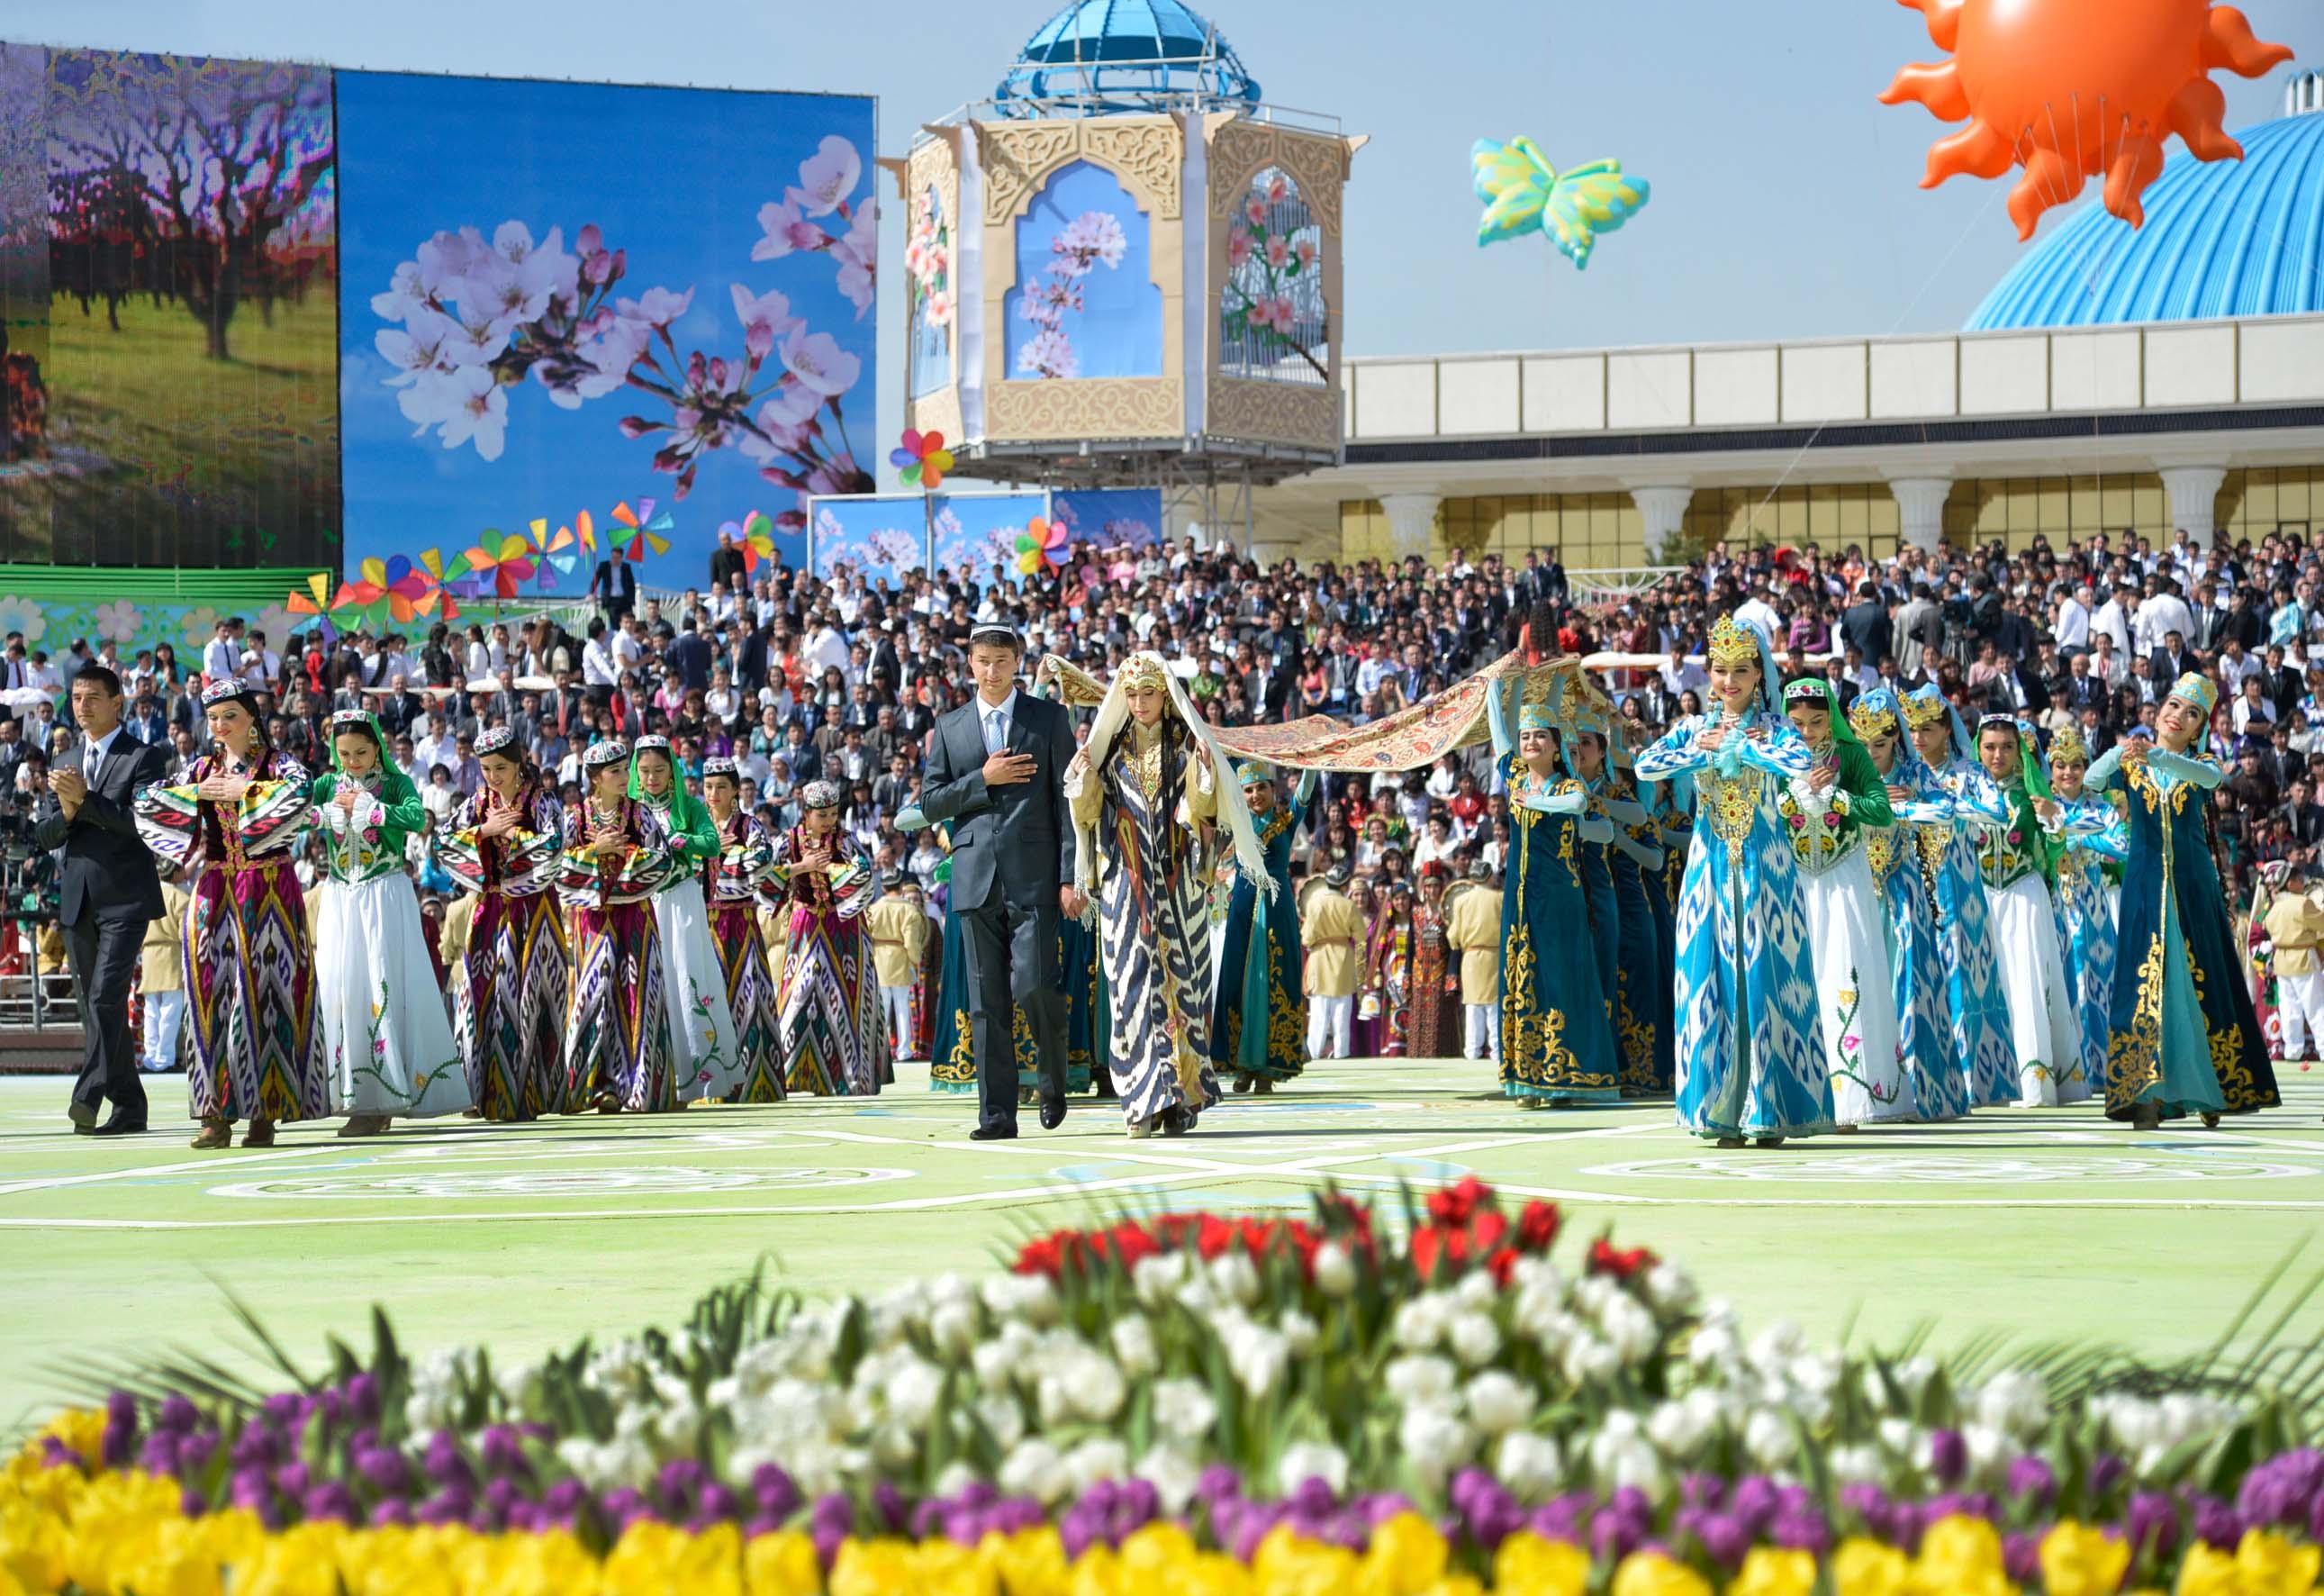 праздники узбекистана в картинках бытовой, коммерческий, полукоммерческий